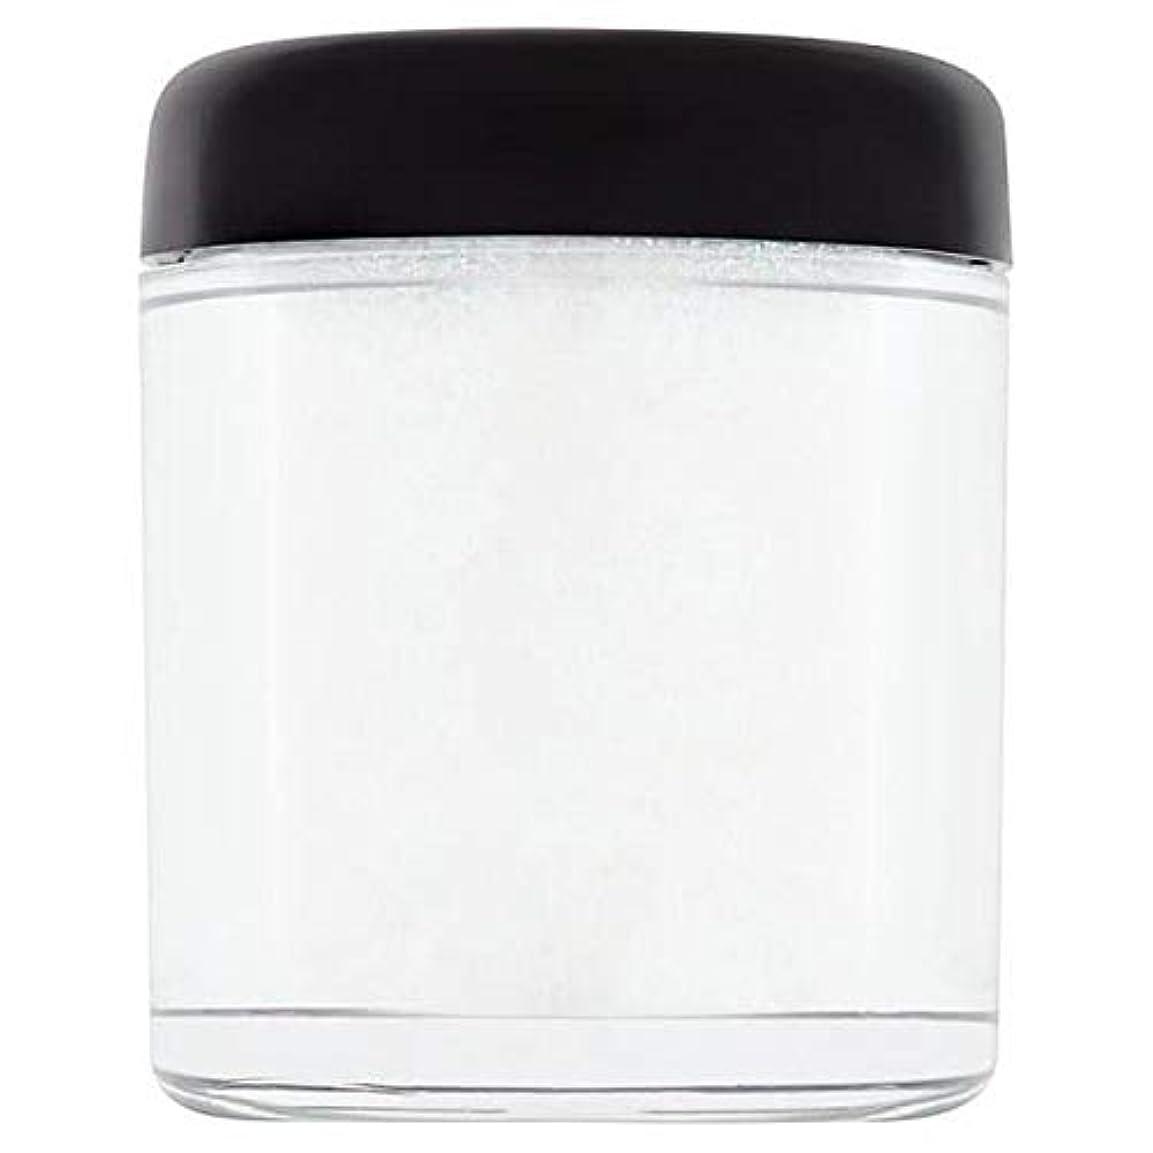 不条理アルプスエレベーター[Collection ] 収集グラムの結晶がフェイス&ボディの輝きユニコーンの涙1 - Collection Glam Crystals Face & Body Glitter Unicorn Tears 1 [並行輸入品]